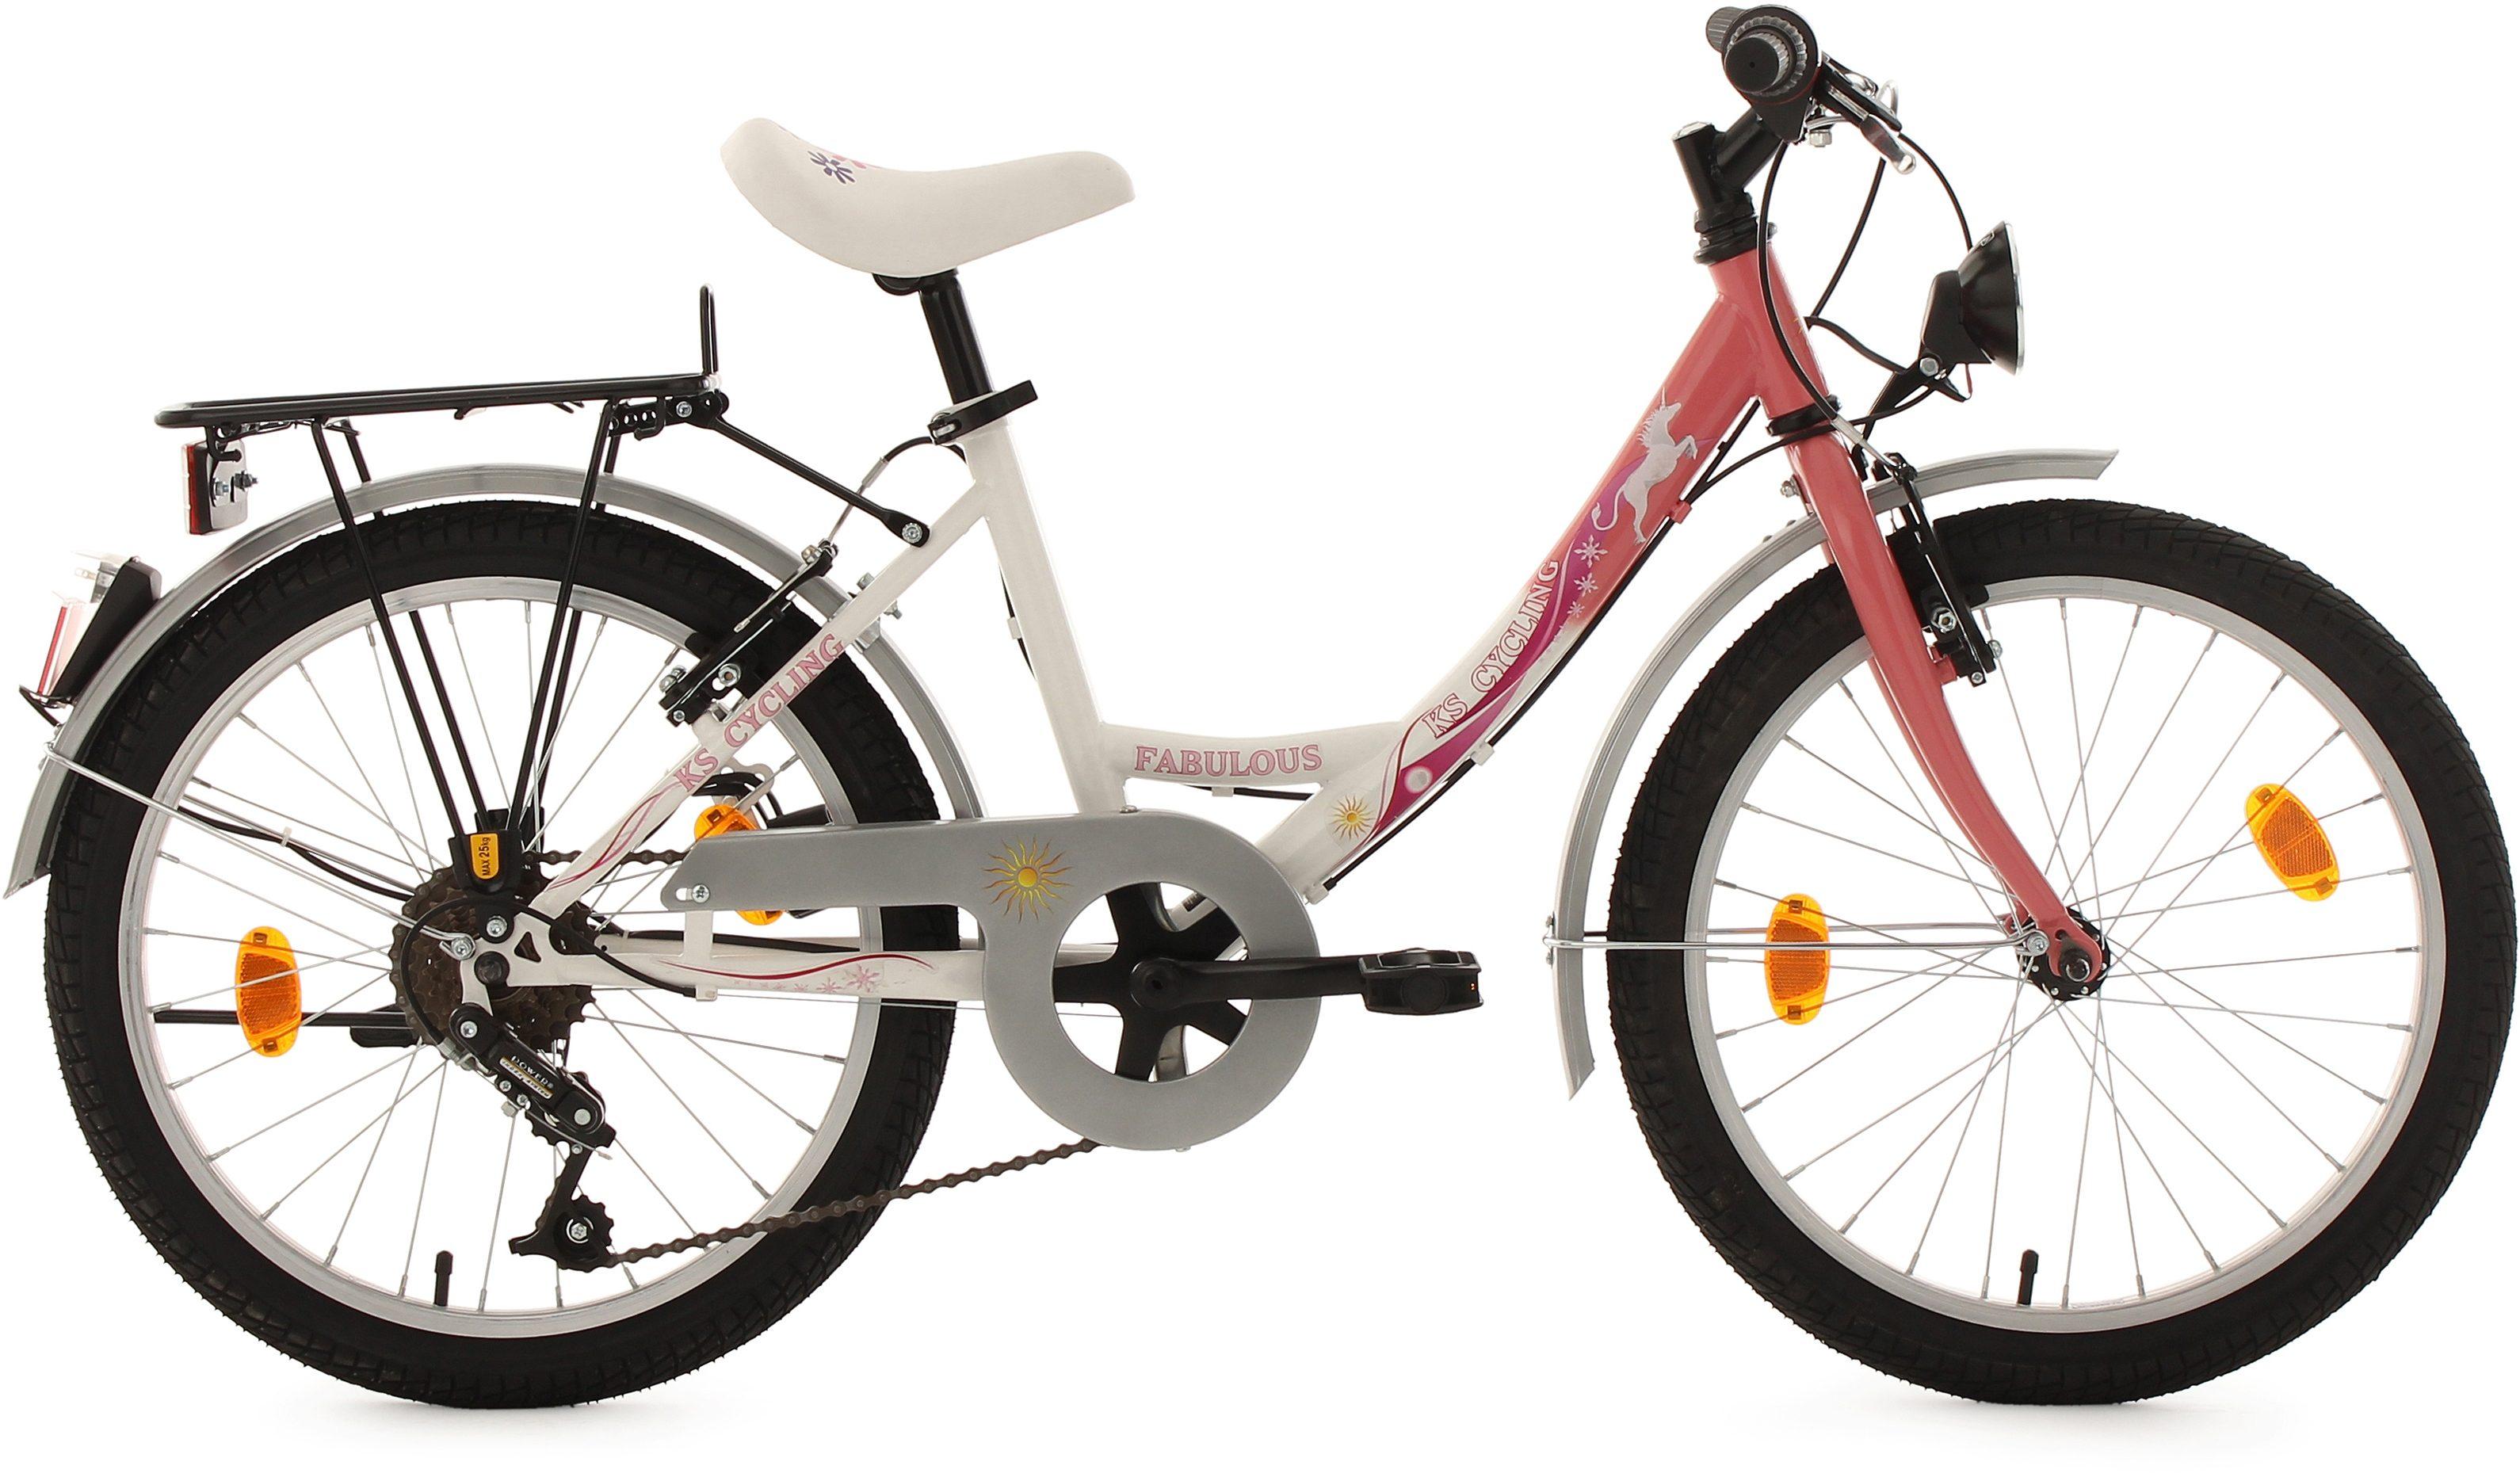 KS Cycling Jugendfahrrad, 20 Zoll, weiß-rosa, 6 Gang-Kettenschaltung, »Fabulous«